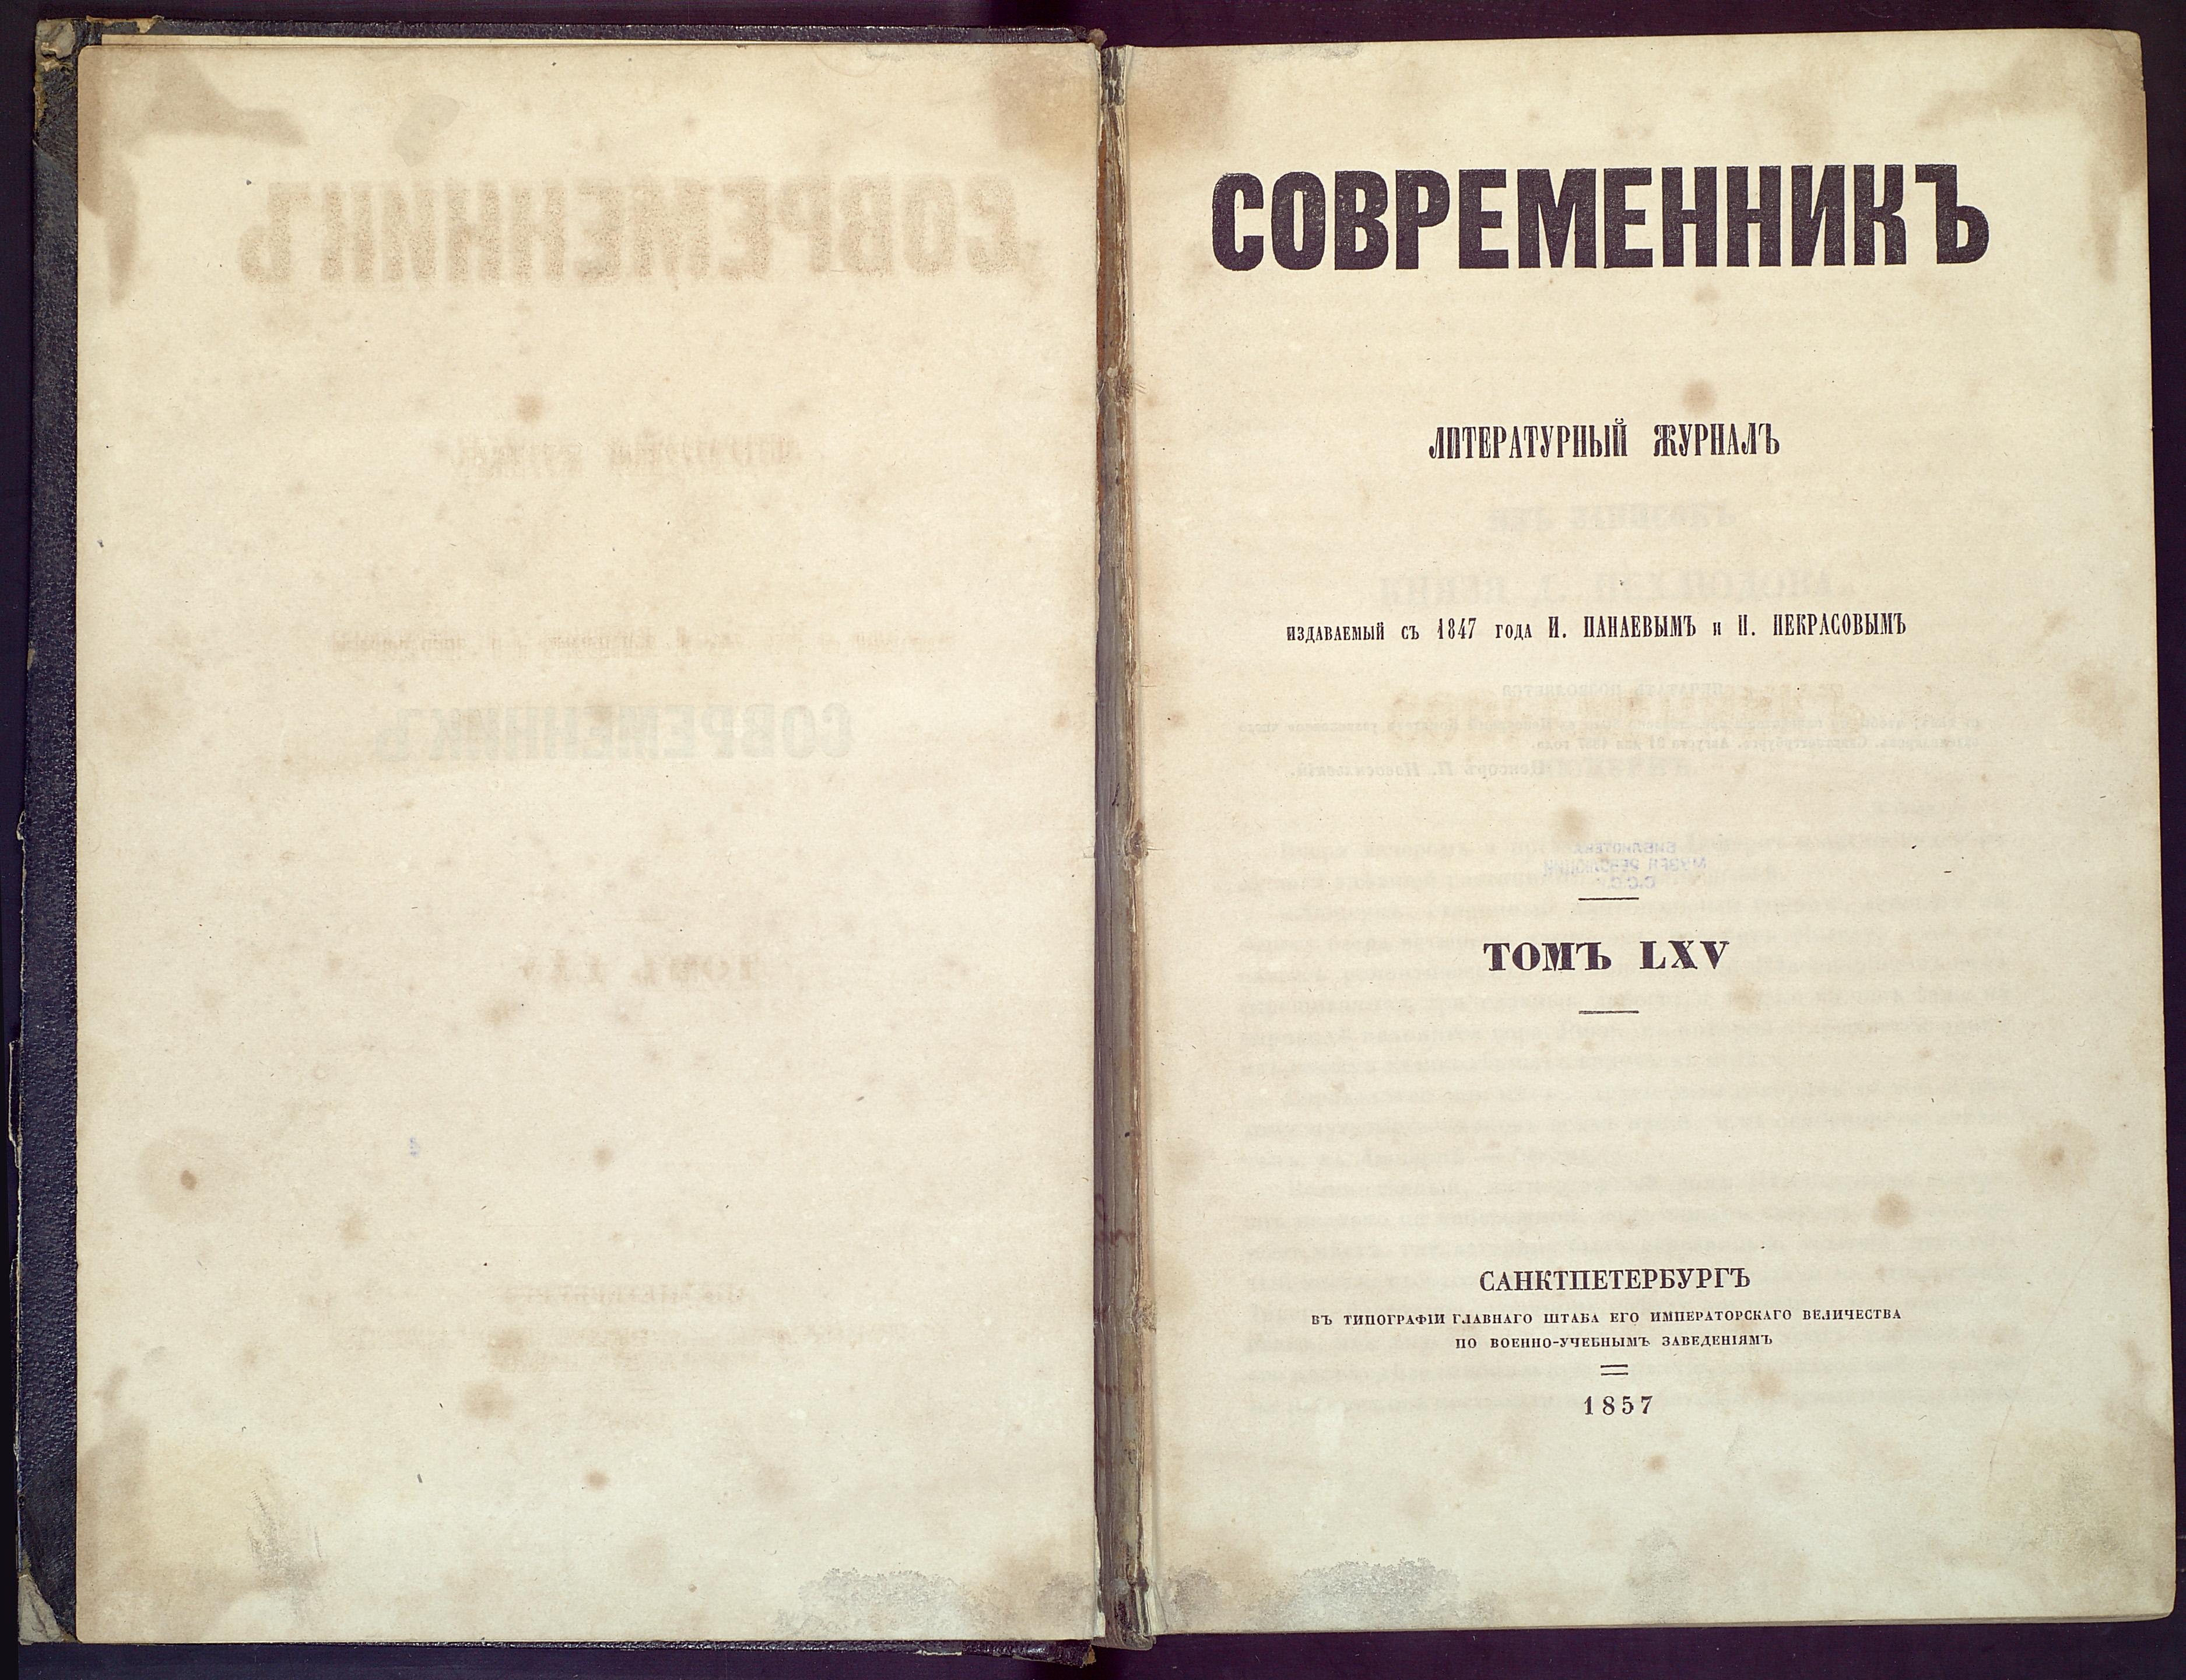 ЛОК-6618 ТАРХАНЫ КП-12875  Журнал Современник. Т. 65._2